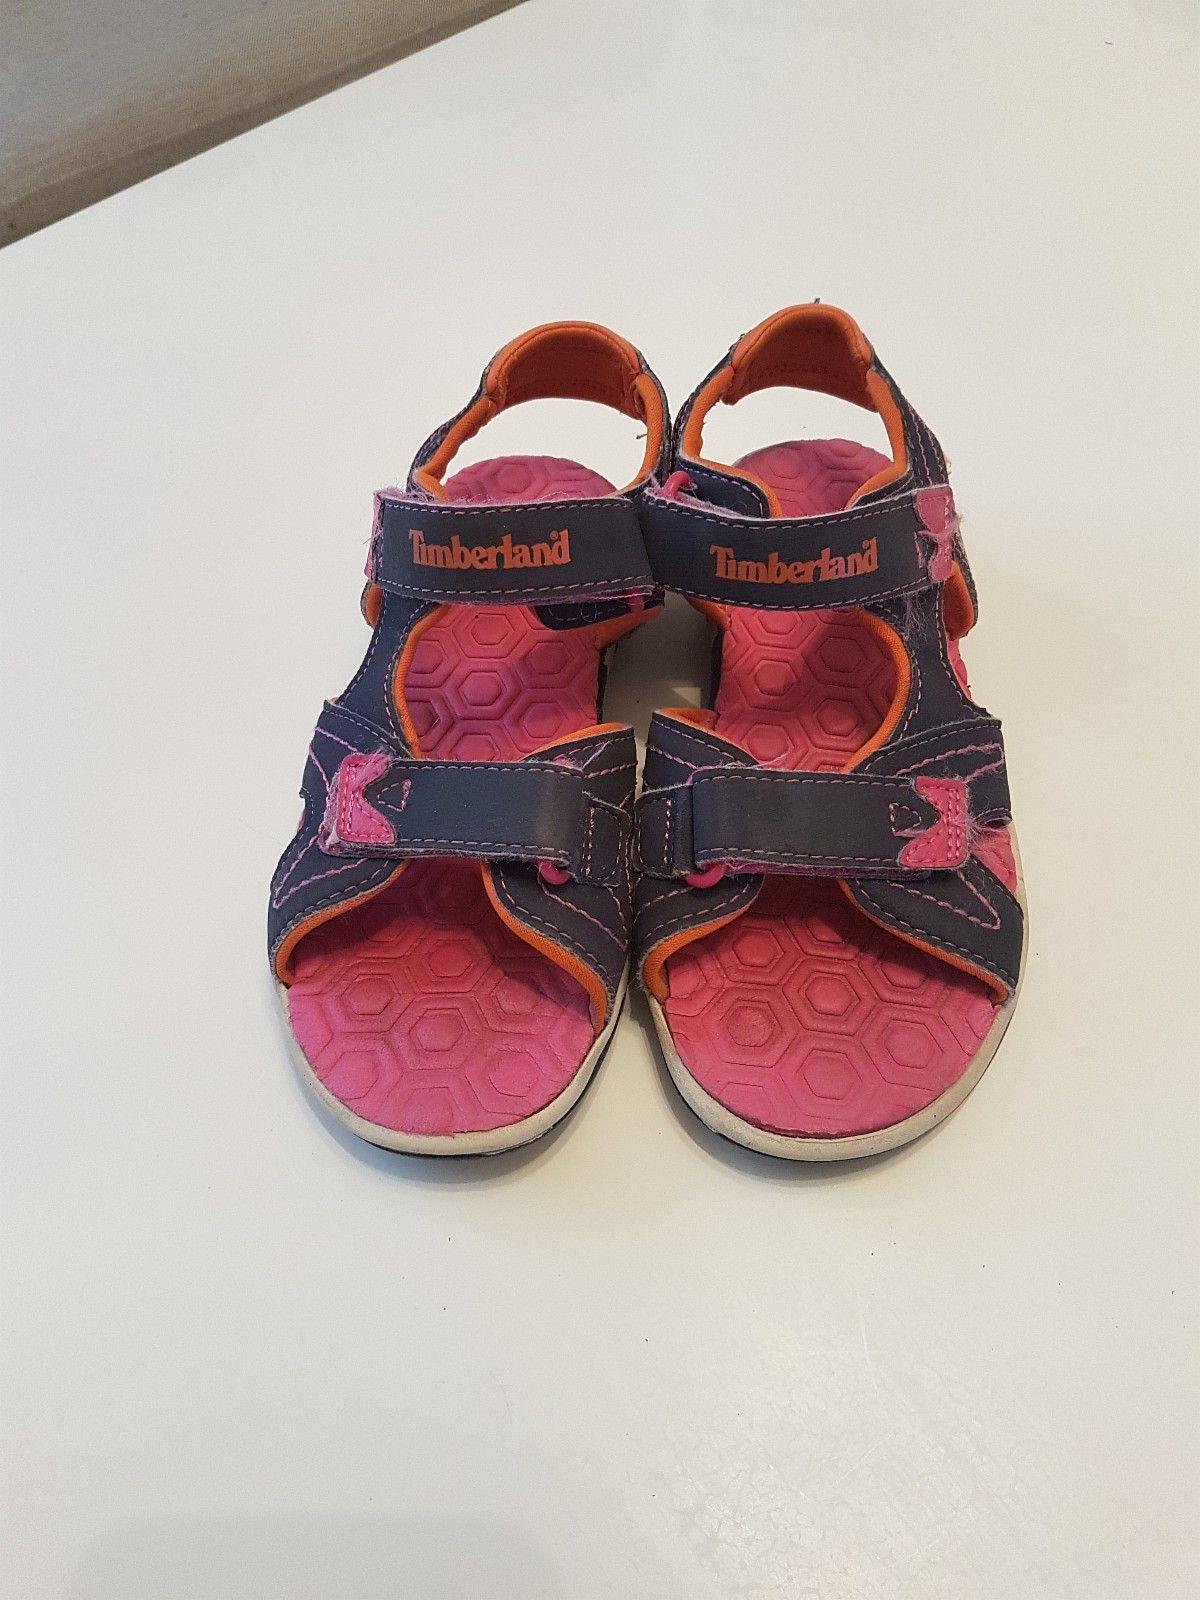 Timberland sandaler str 31 - Søreidgrend  - Timberland sandaler str 31. Brukt som innesko. - Søreidgrend